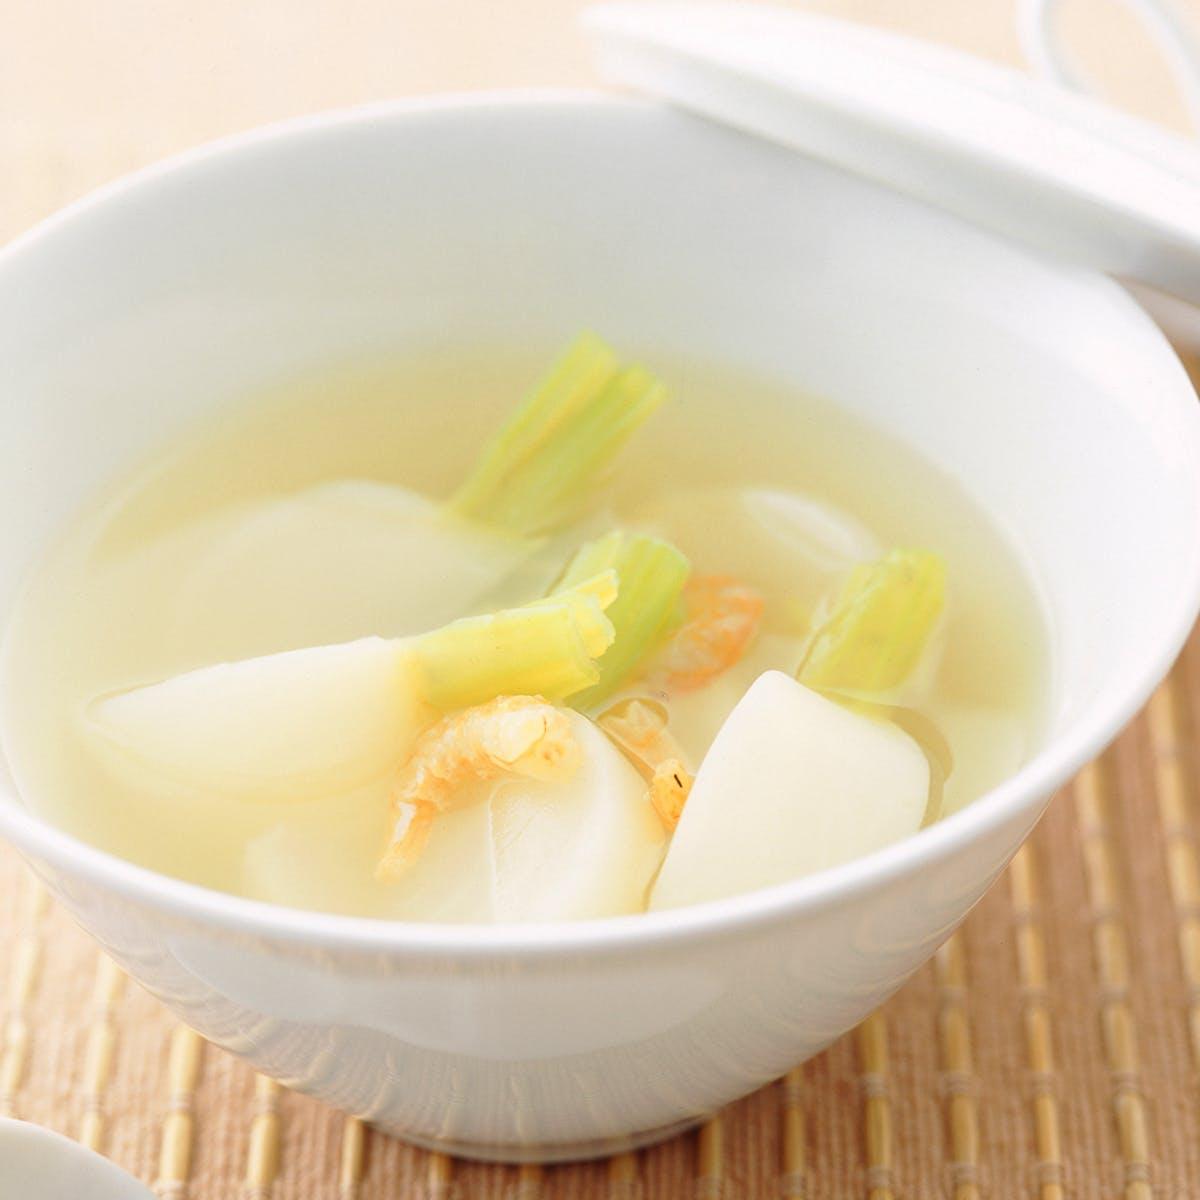 かぶと干しえびのスープ